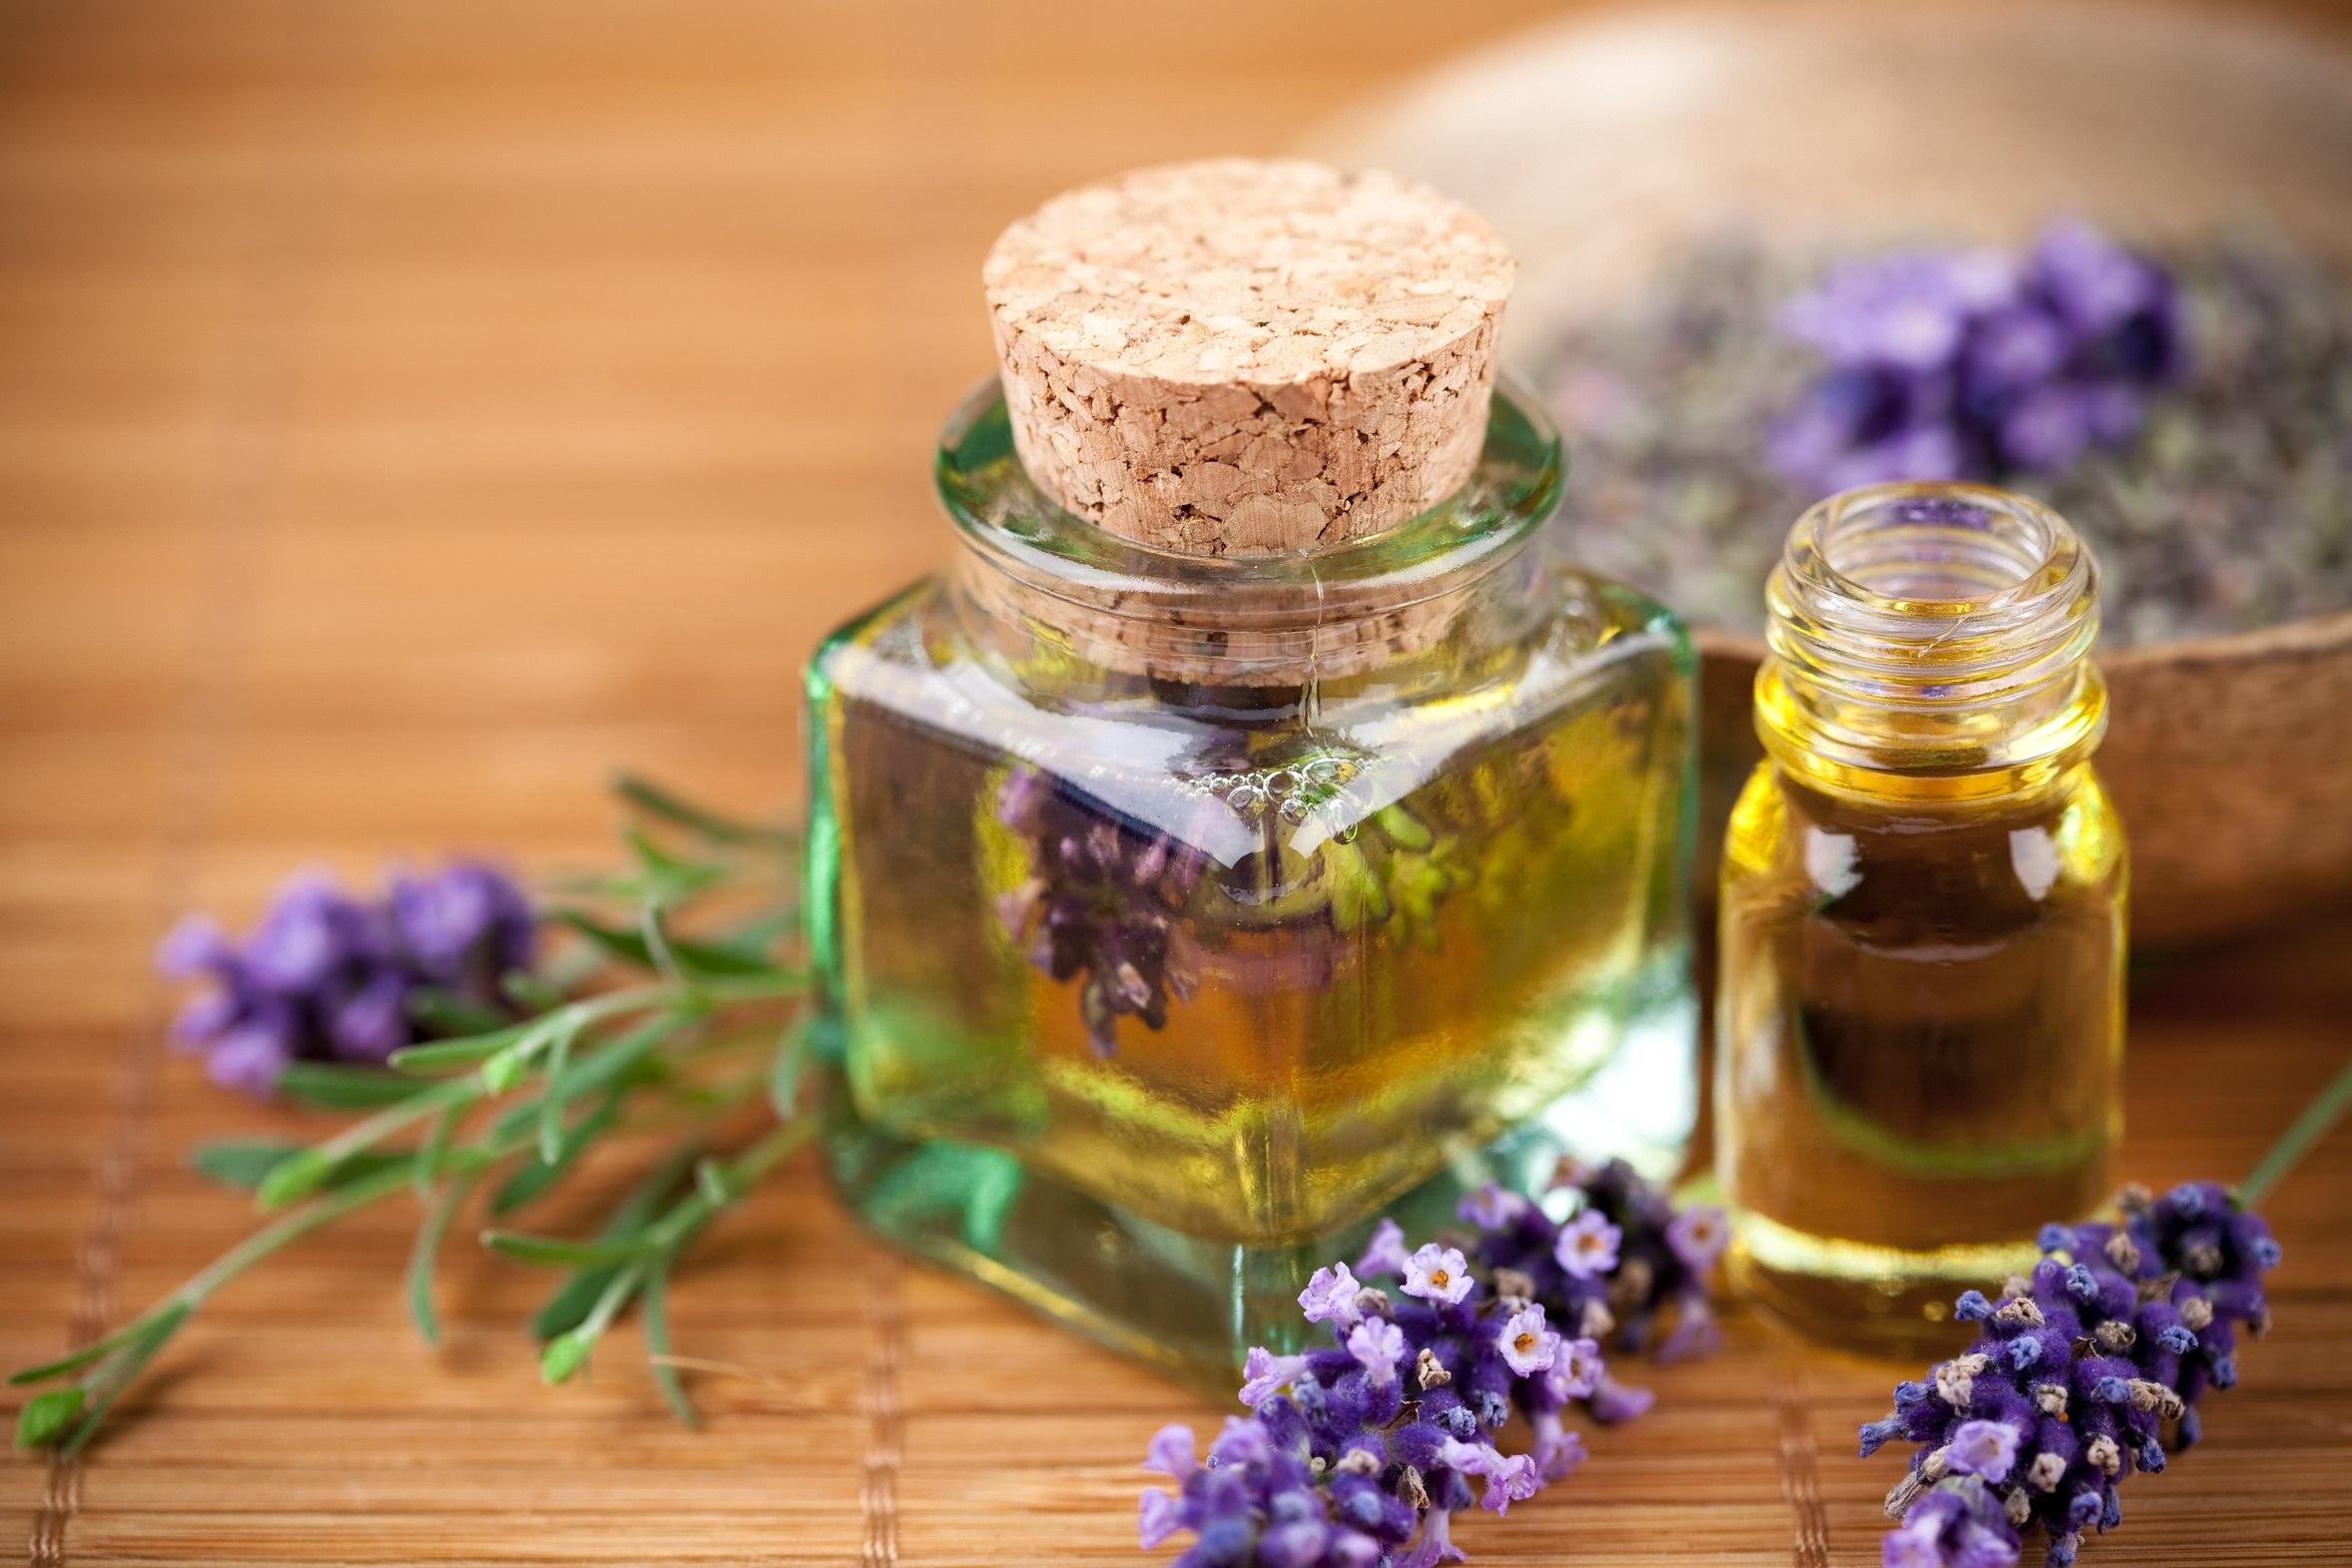 Cвязаны ли масла лаванды и чайного дерева с гормональными эффектами?